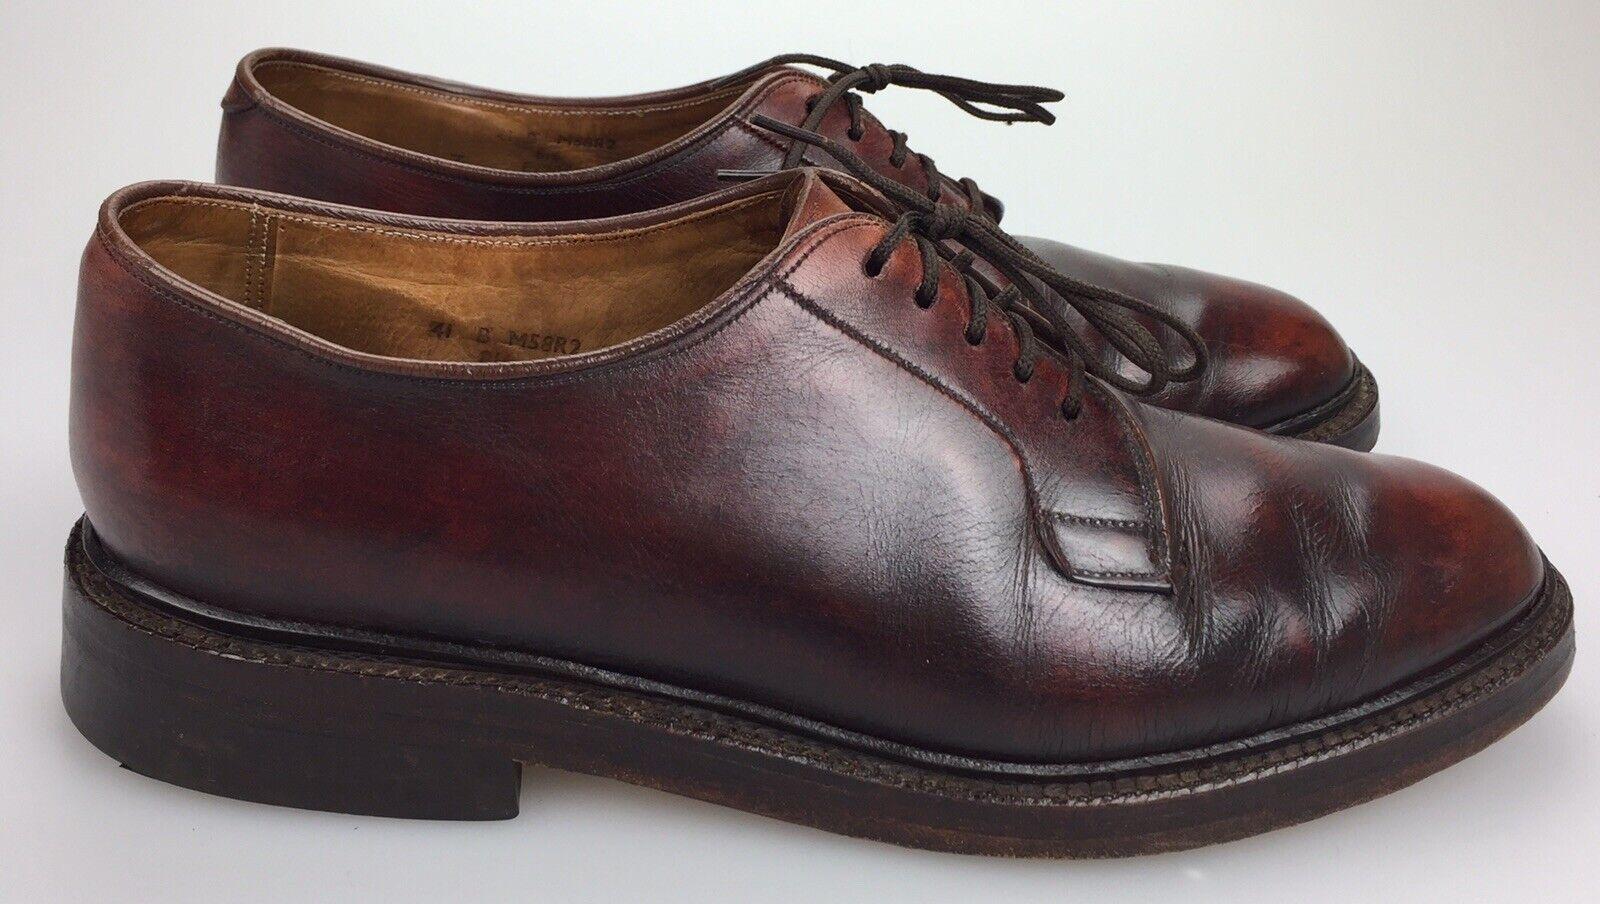 Brooks Brojohers English Zapato para Hombres 8 41 Cuero Marrón Llano Toe Hecho En Inglaterra